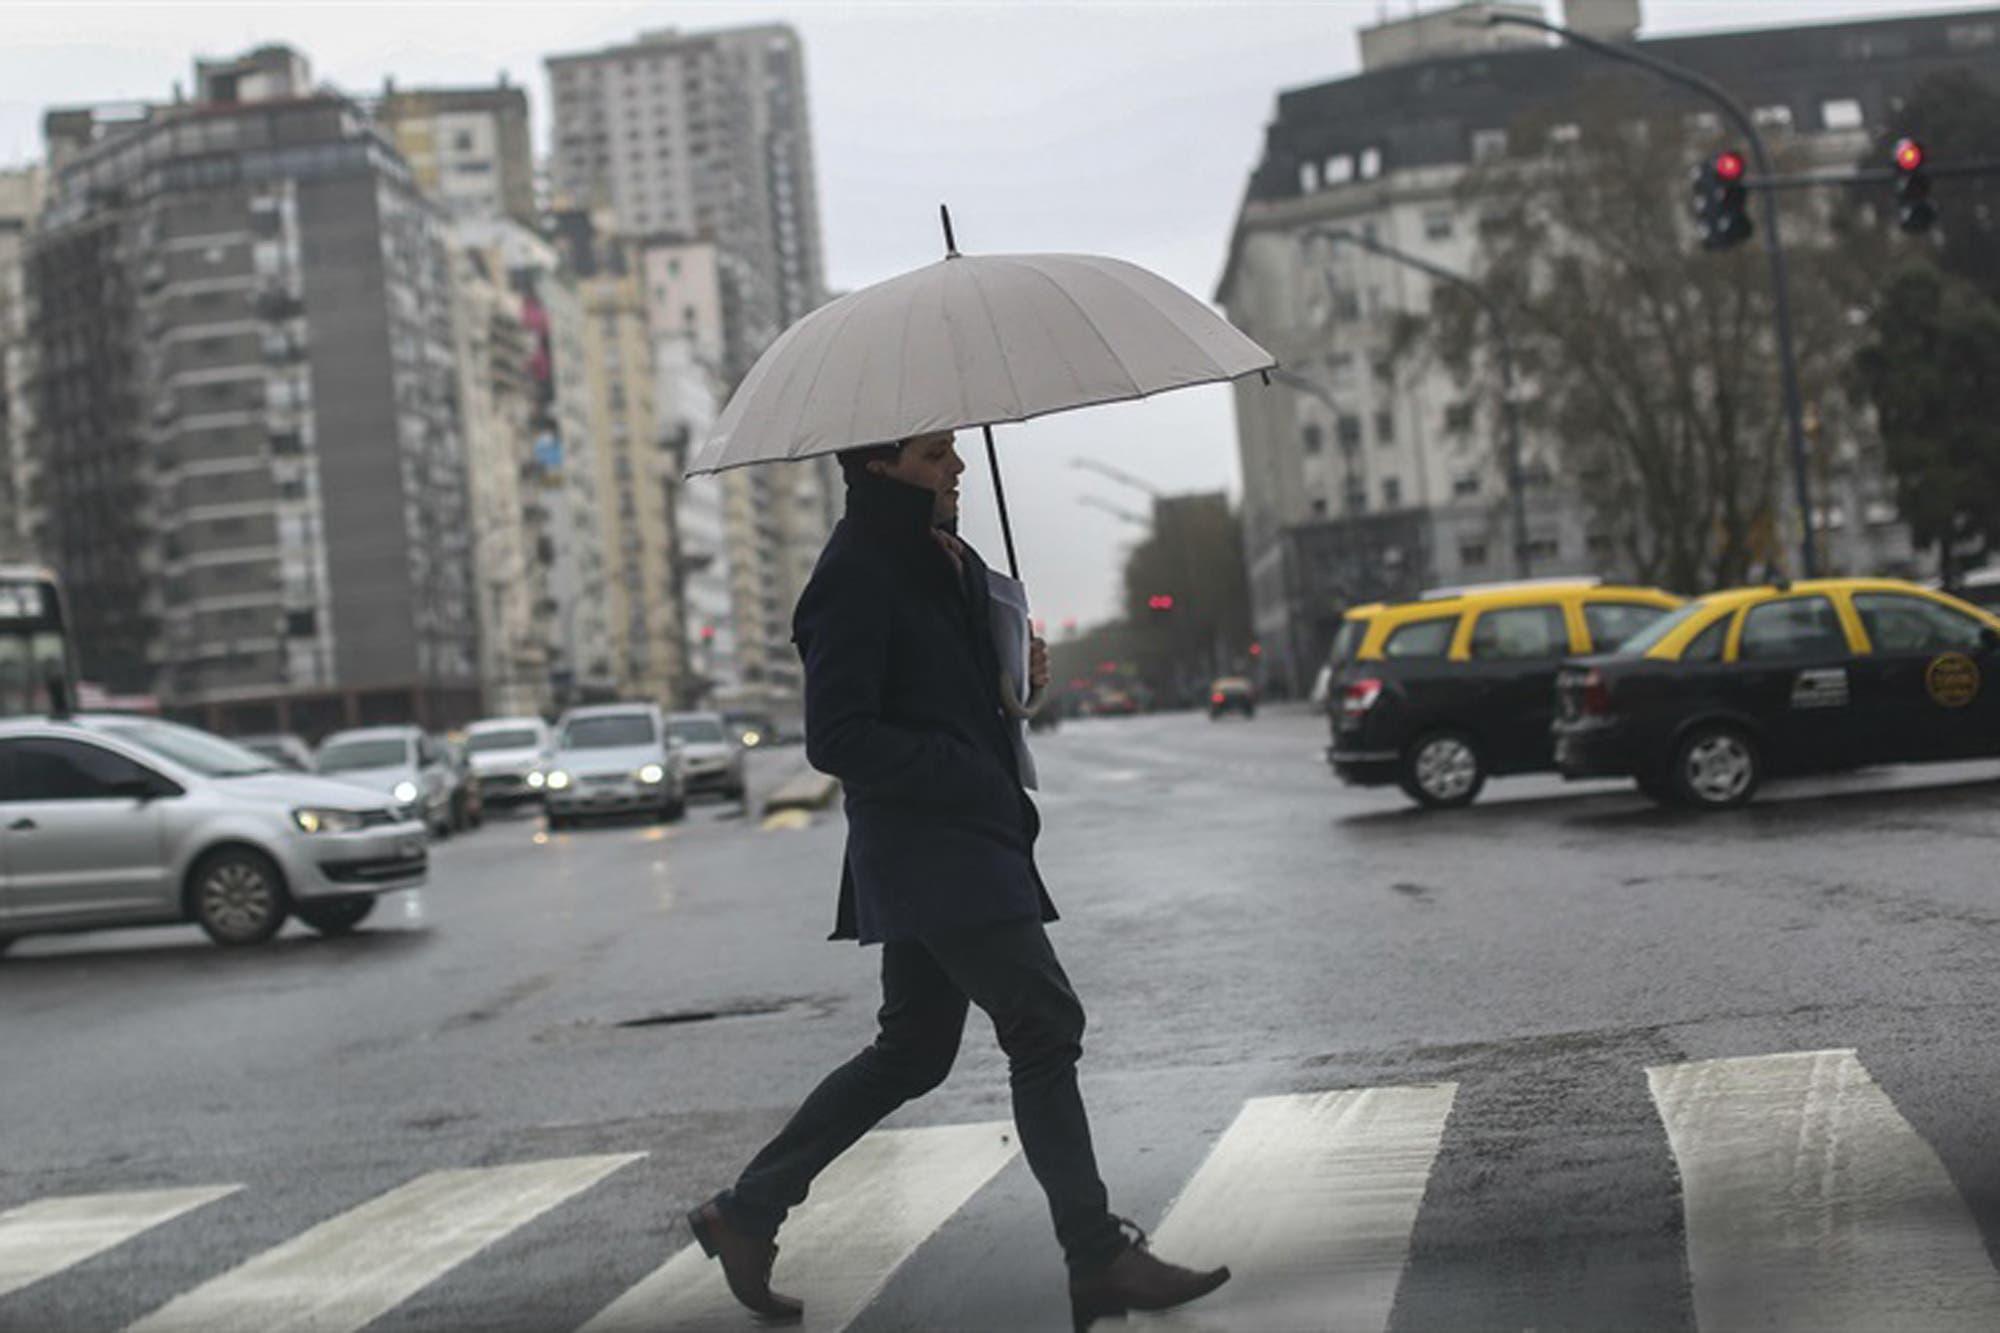 Pronóstico: ¿cuándo mejorará el tiempo en la ciudad y alrededores?